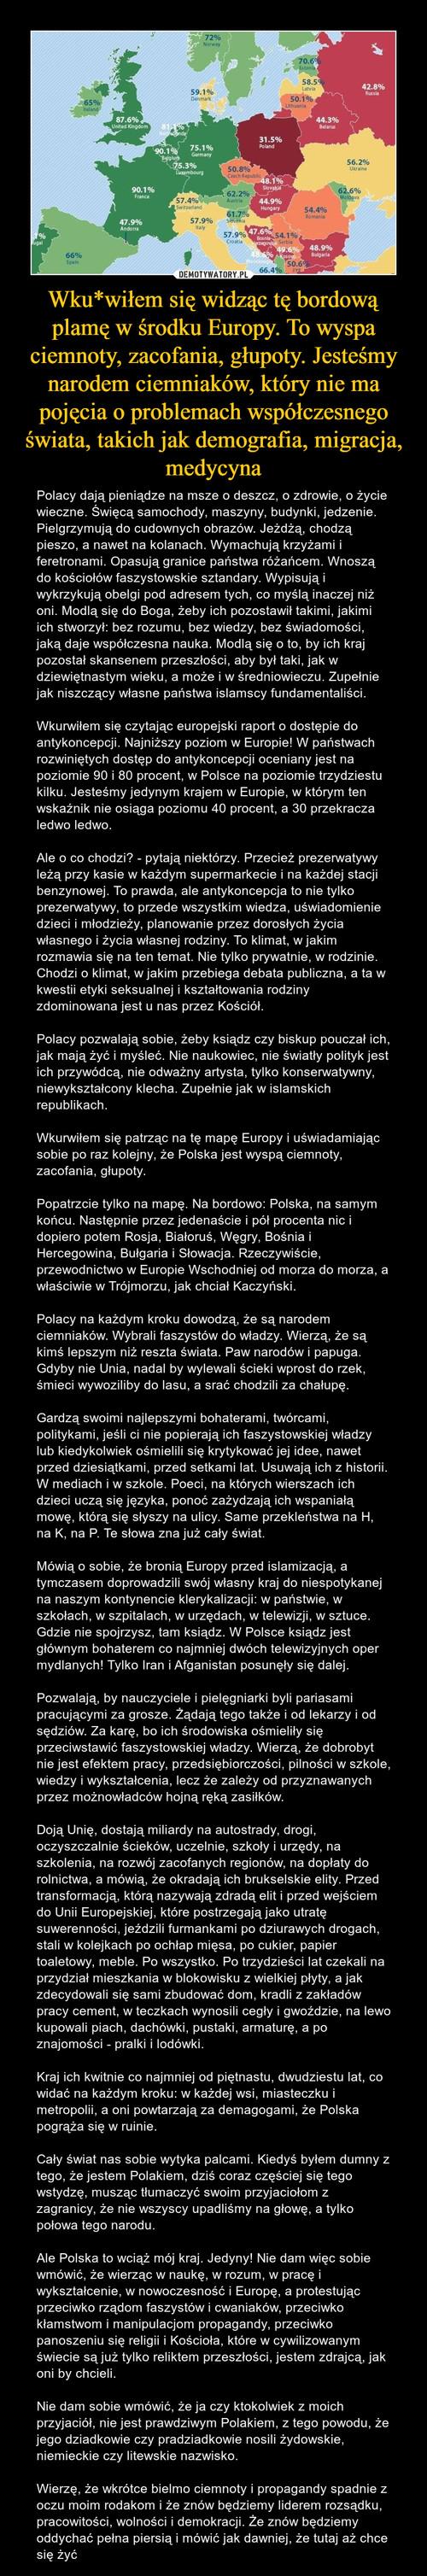 Wku*wiłem się widząc tę bordową plamę w środku Europy. To wyspa ciemnoty, zacofania, głupoty. Jesteśmy narodem ciemniaków, który nie ma pojęcia o problemach współczesnego świata, takich jak demografia, migracja, medycyna